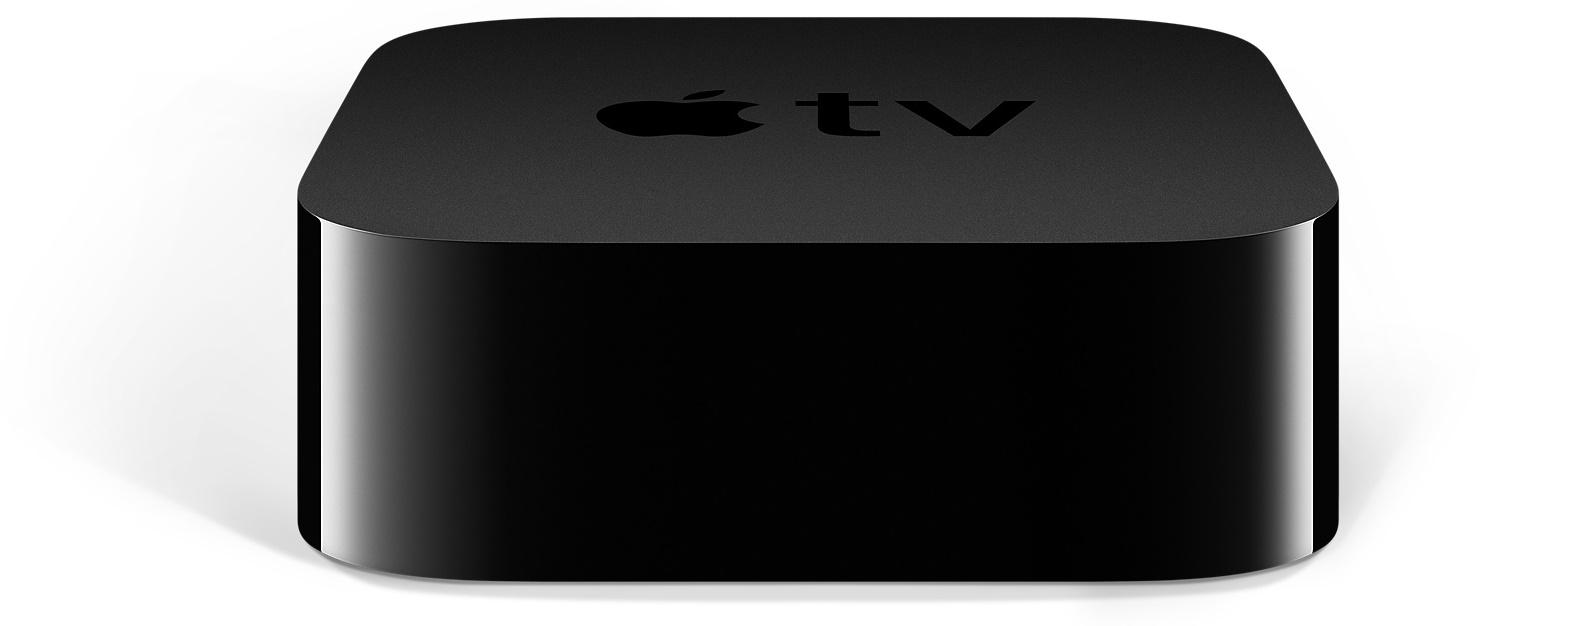 apple tv 4k j tem pre o para o mercado brasileiro tecmundo. Black Bedroom Furniture Sets. Home Design Ideas